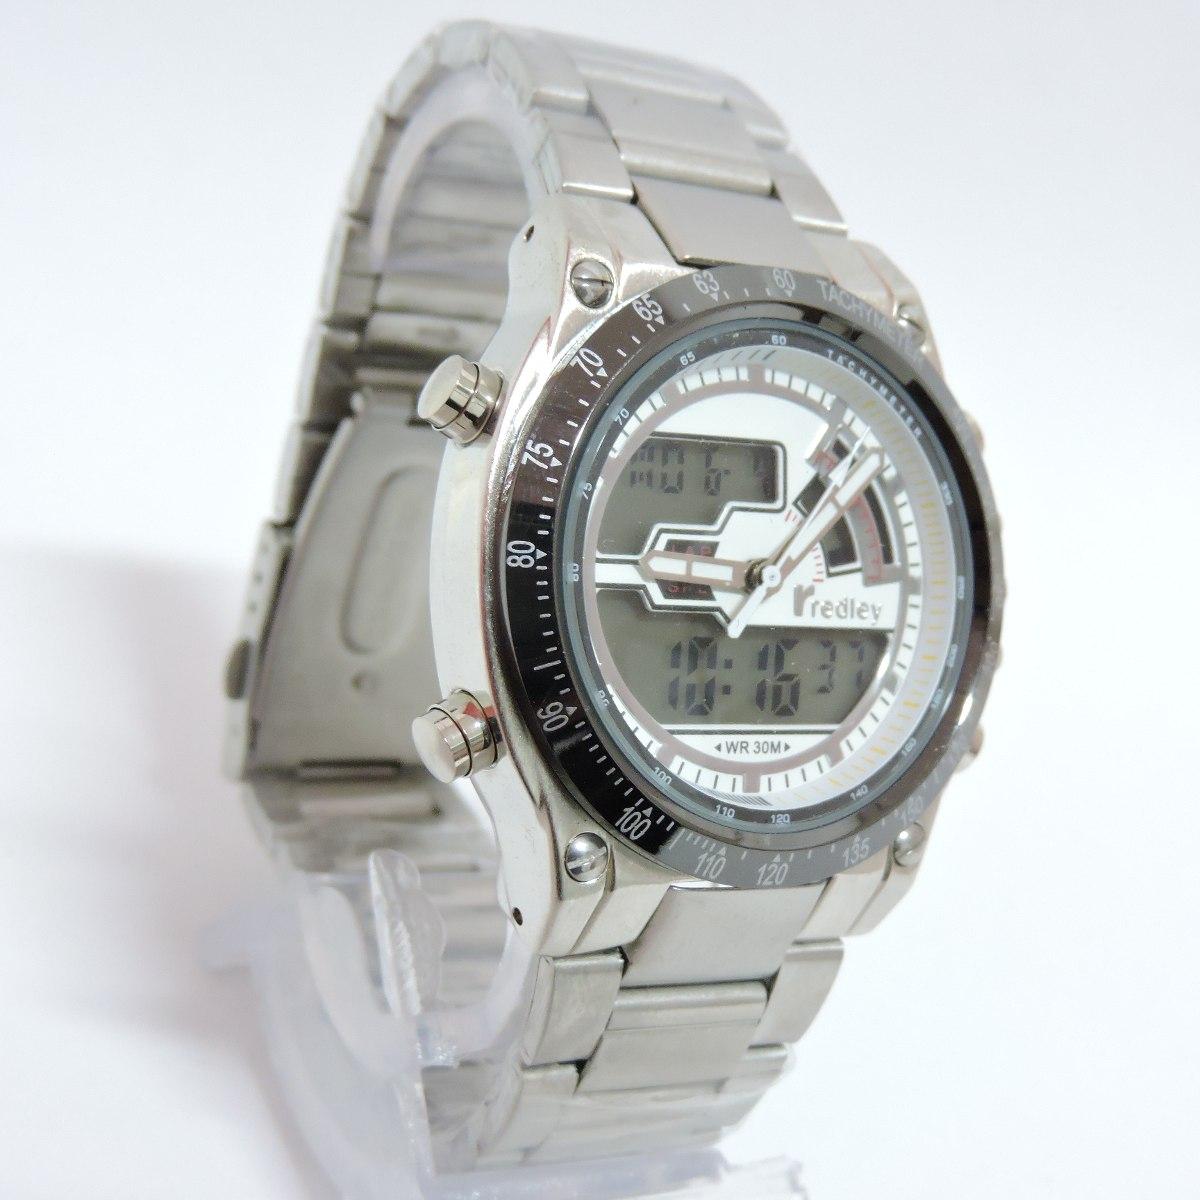 e1fb0f17e1f relógio masculino original redley 2000g prata e branco. 4 Fotos